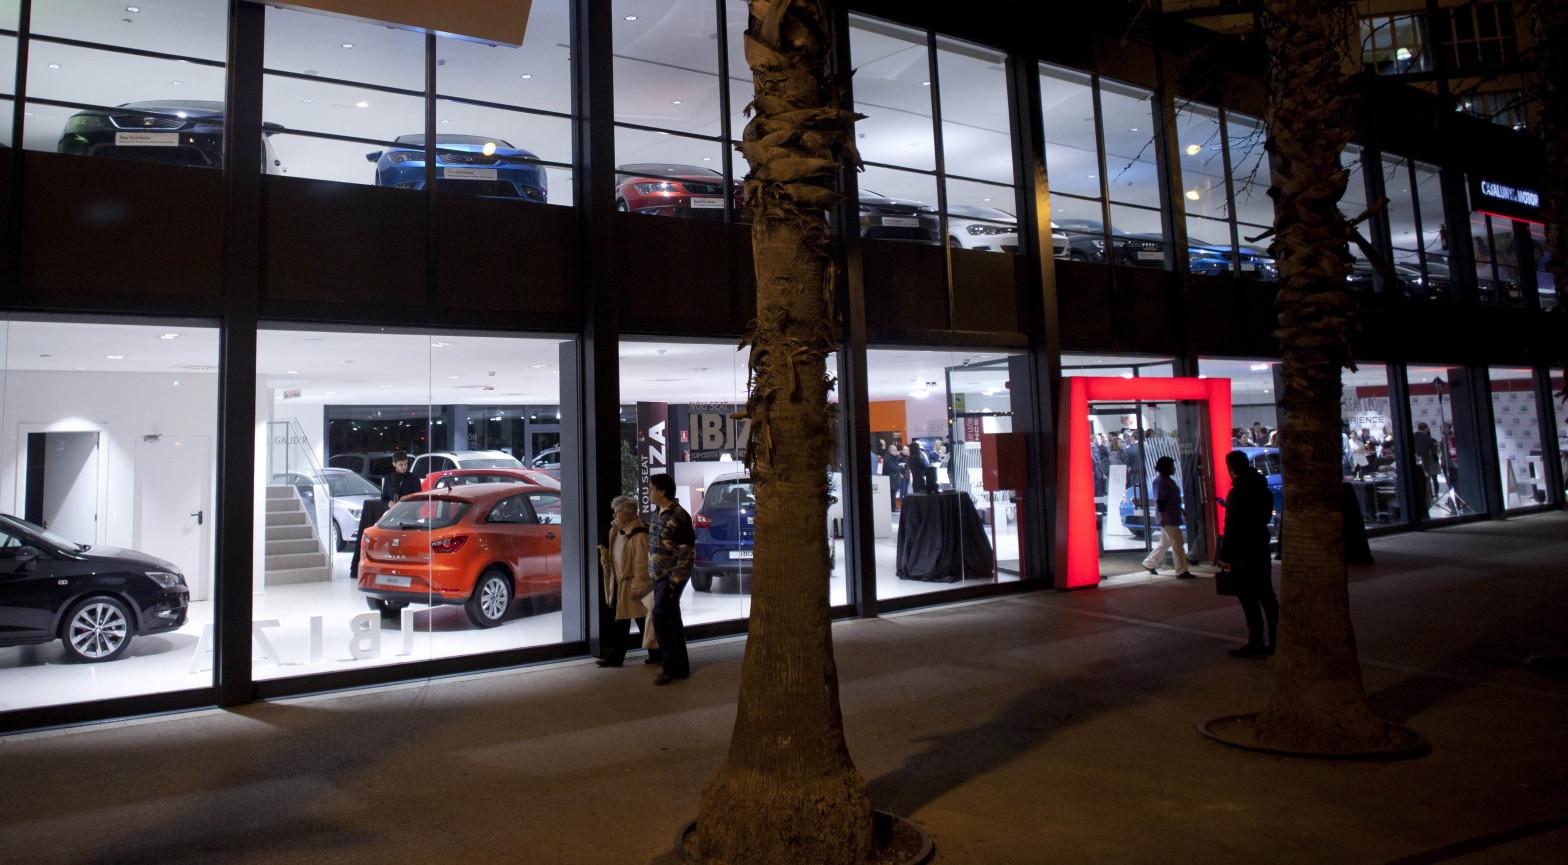 Las ventas de coches en España serán este año un 26% inferiores a 2019